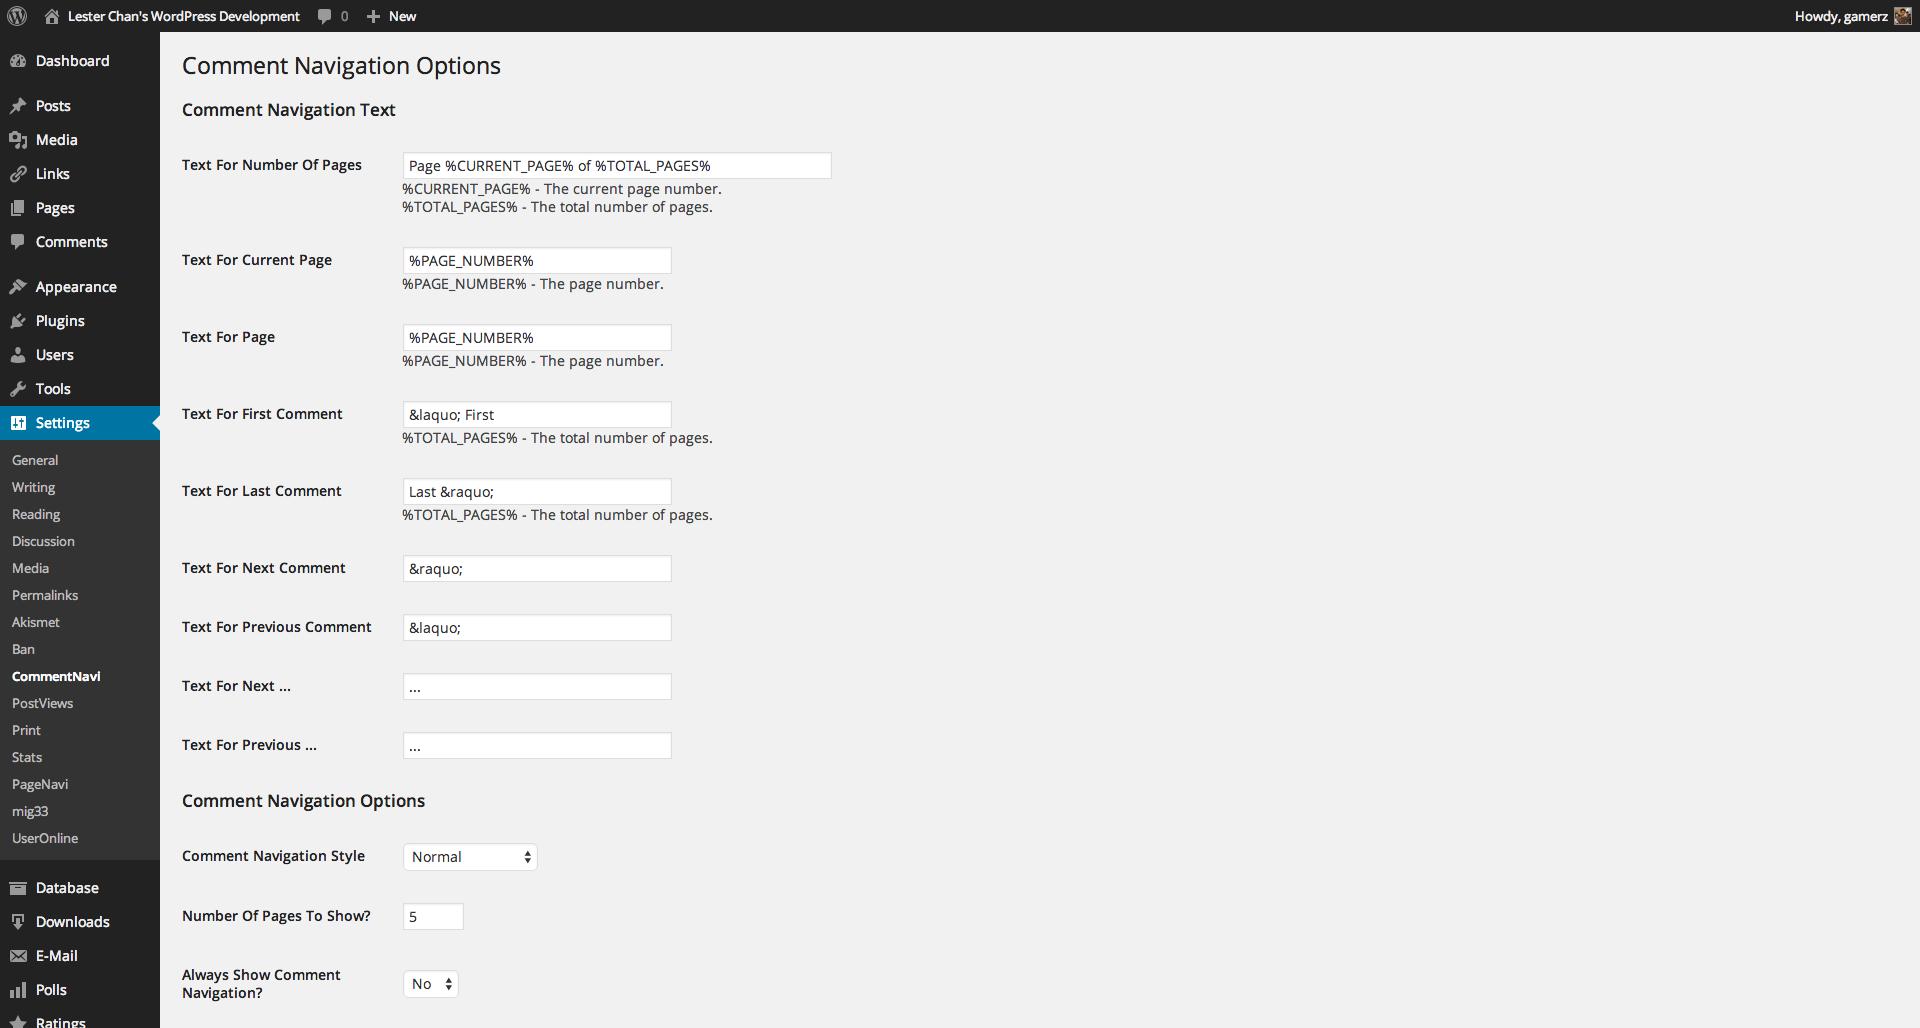 WP-CommentNavi's Screenshot: Admin - CommentNavi Options